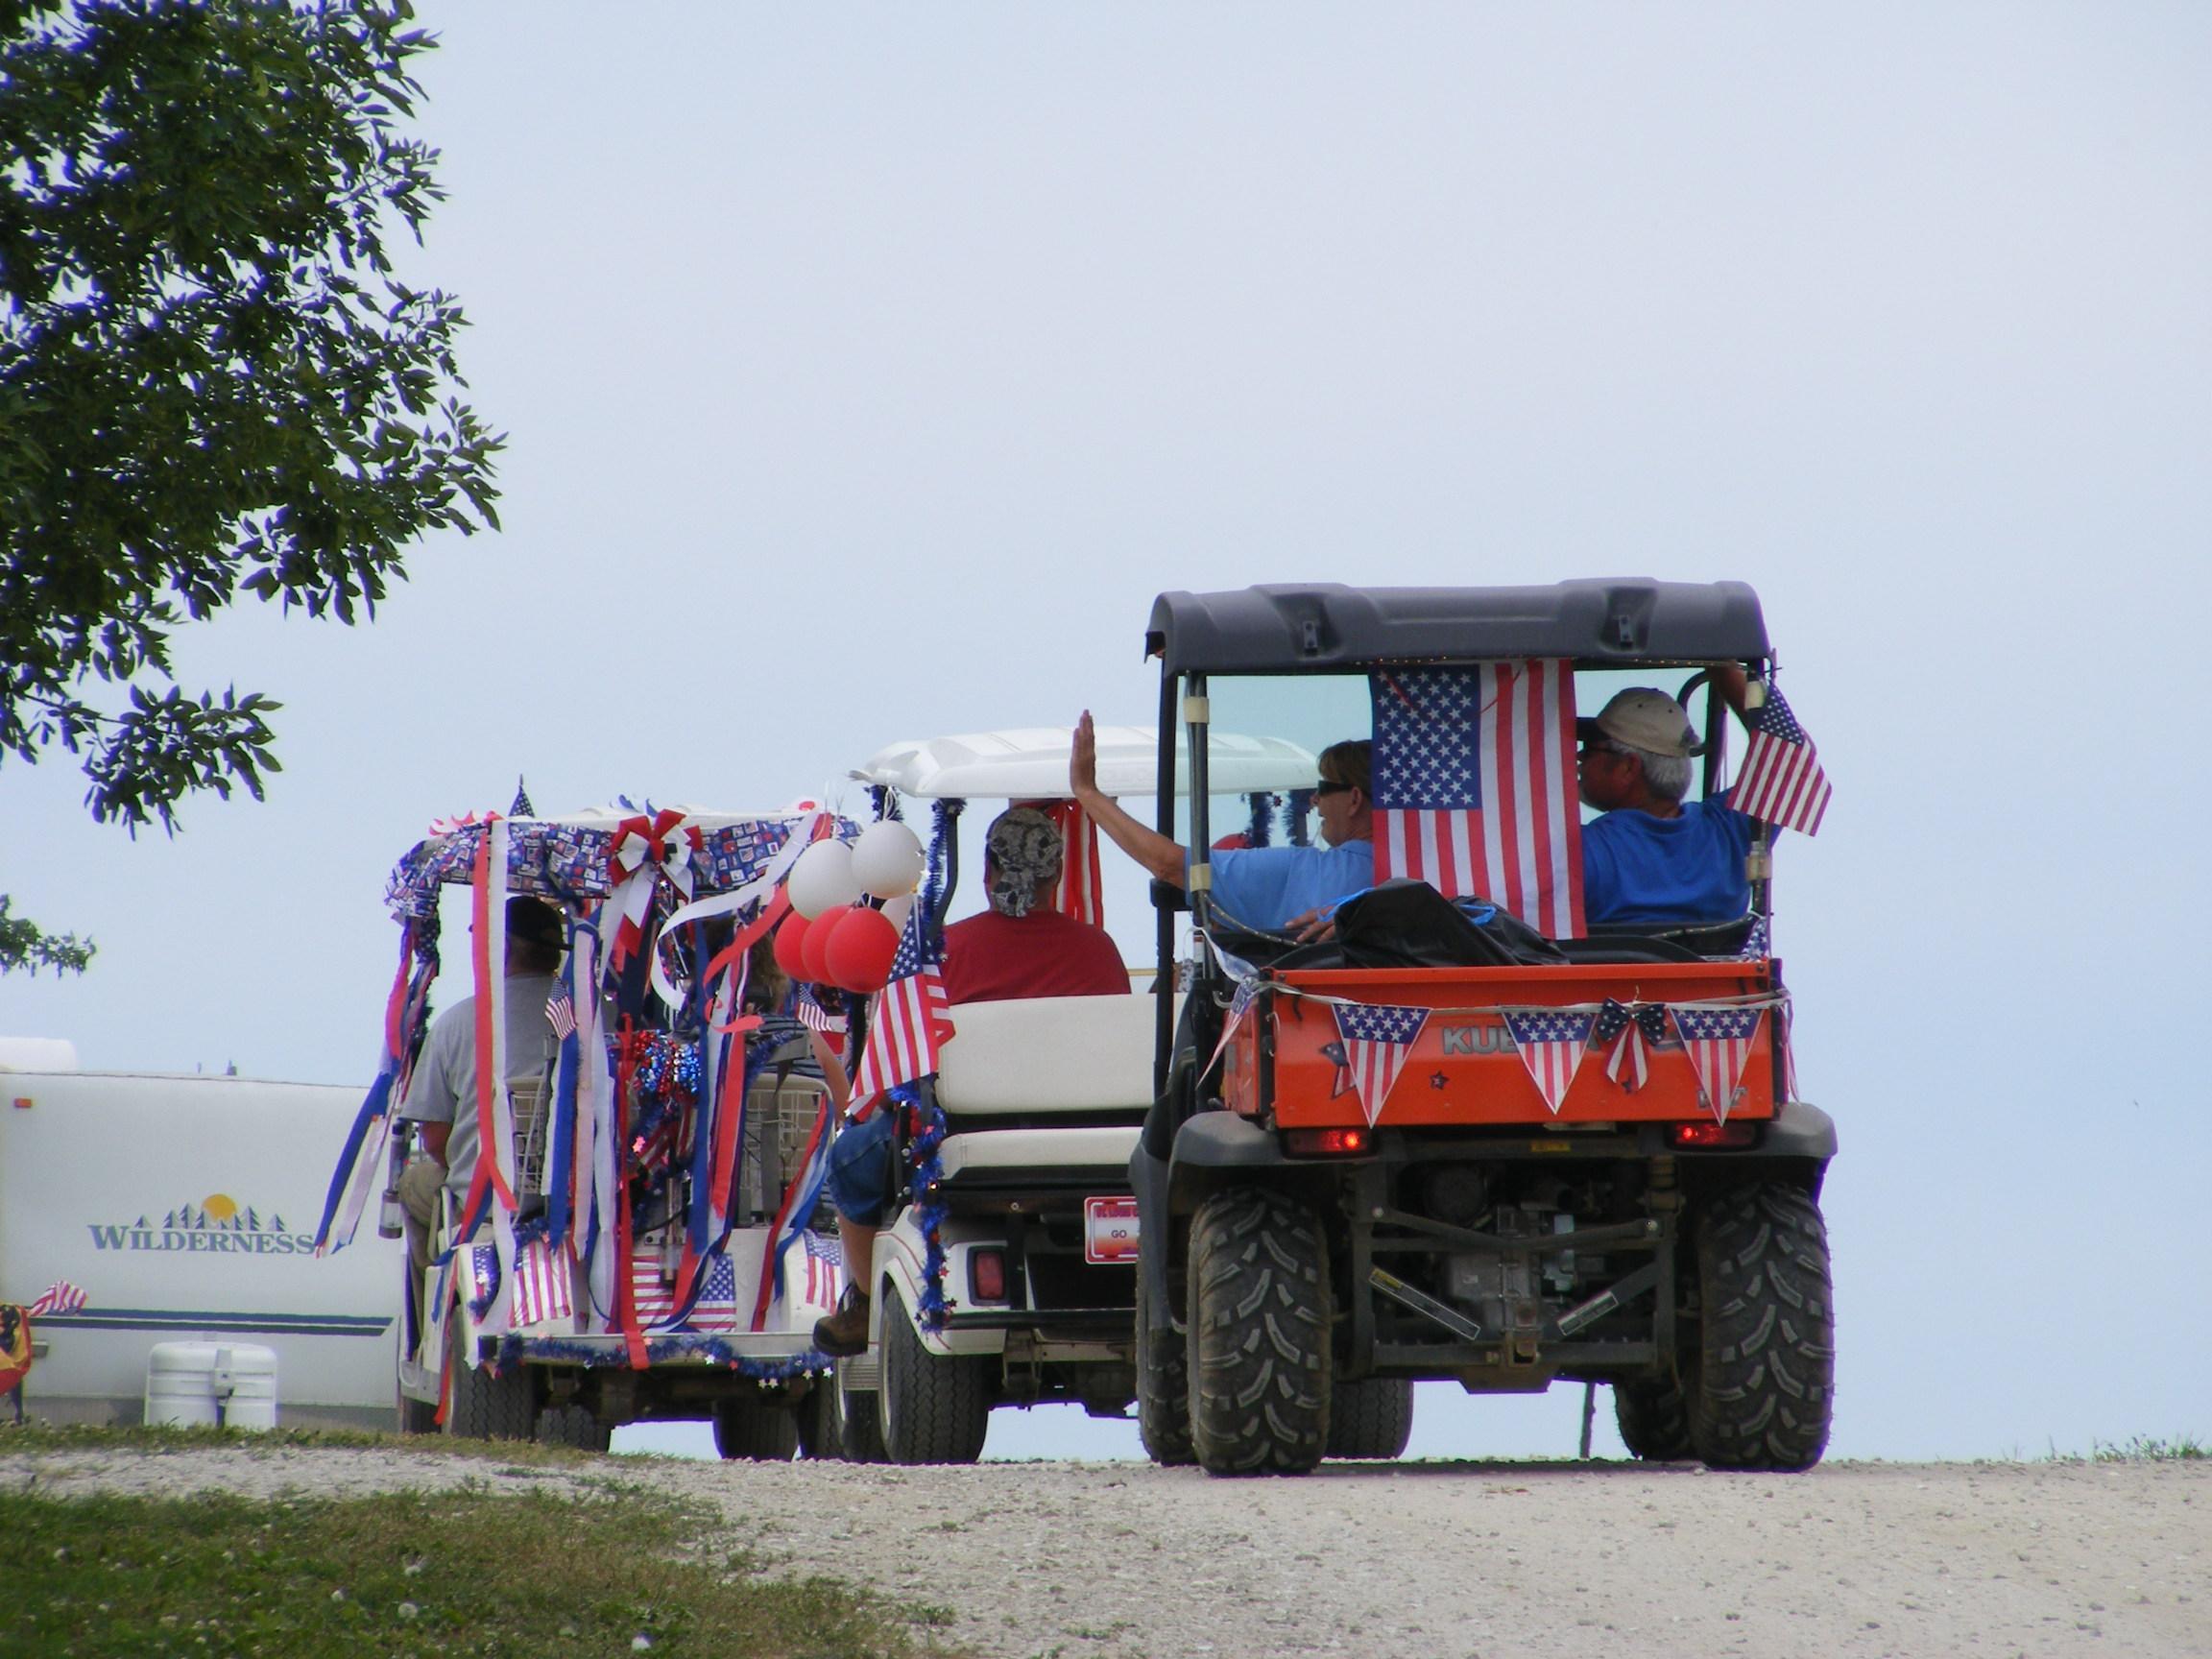 cabinfeveril.com - Cabin Fever parade